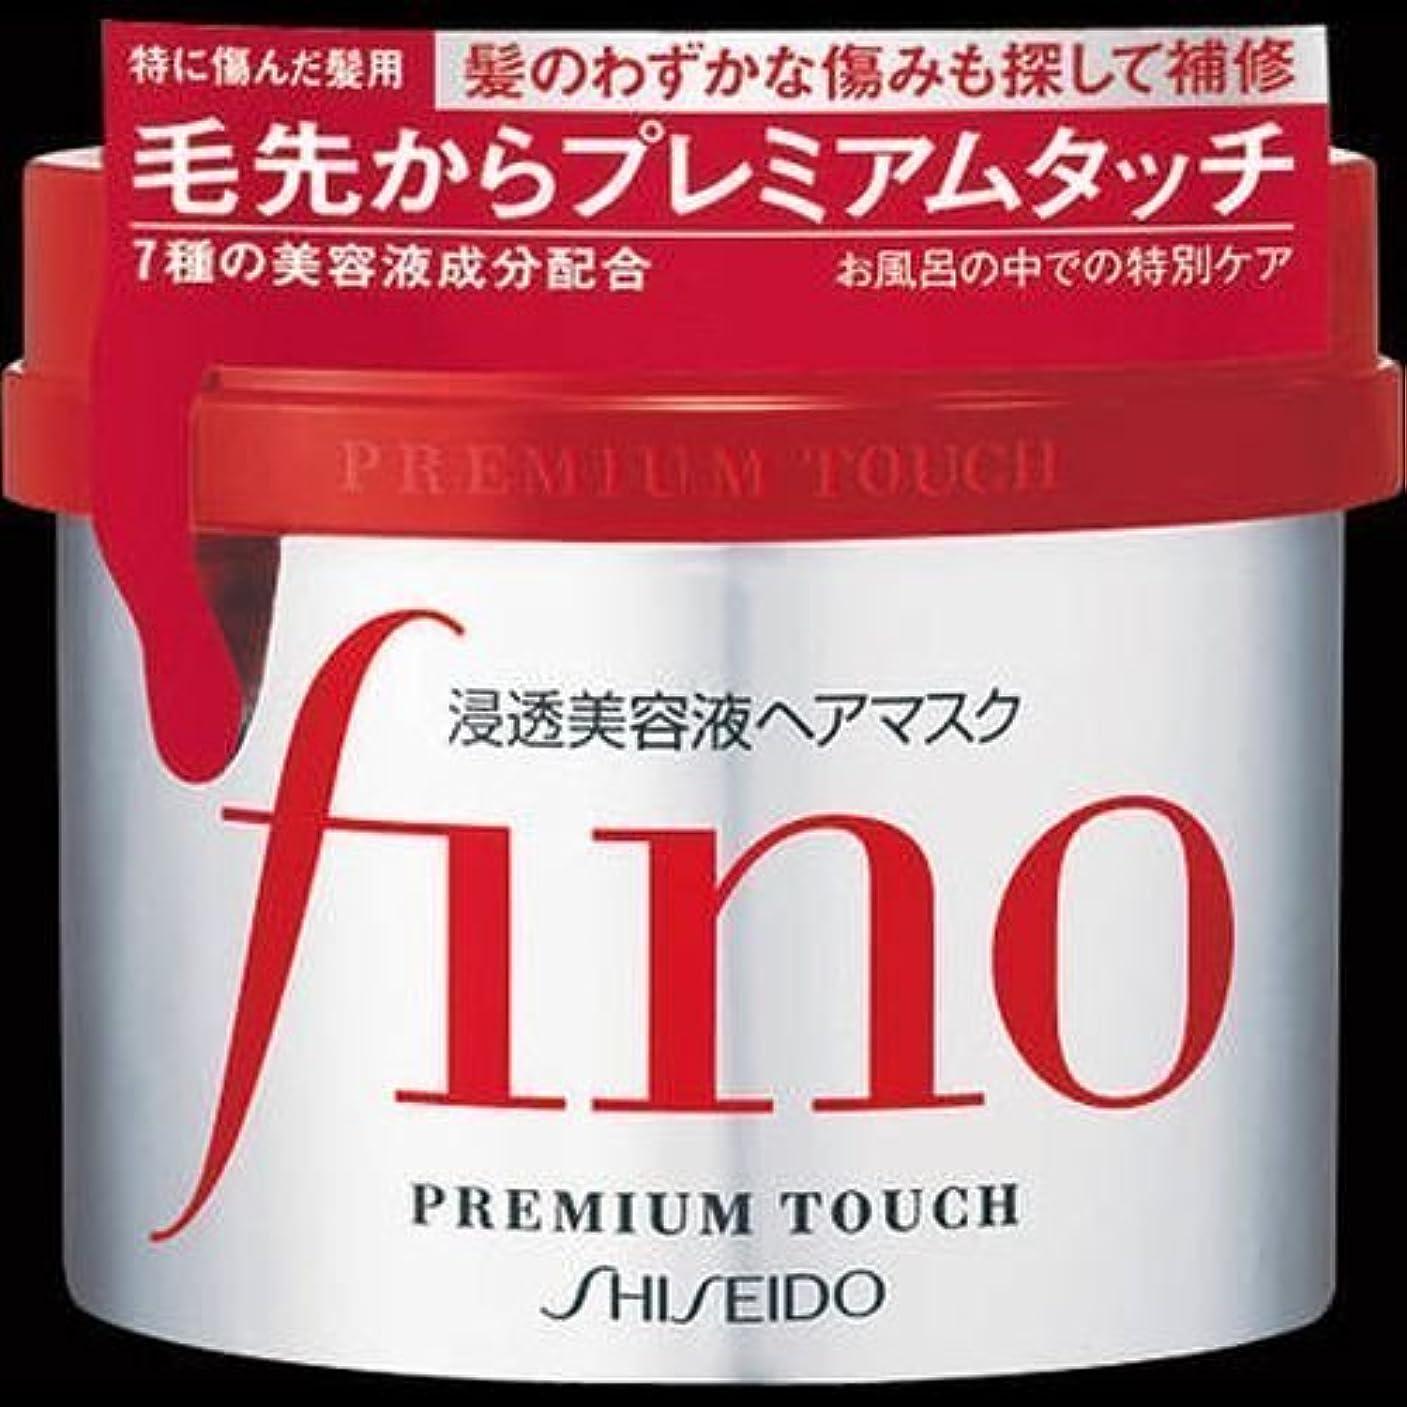 連想周囲酸度【まとめ買い】フィーノ プレミアムタッチ 浸透美容液 ヘアマスク 230g ×2セット